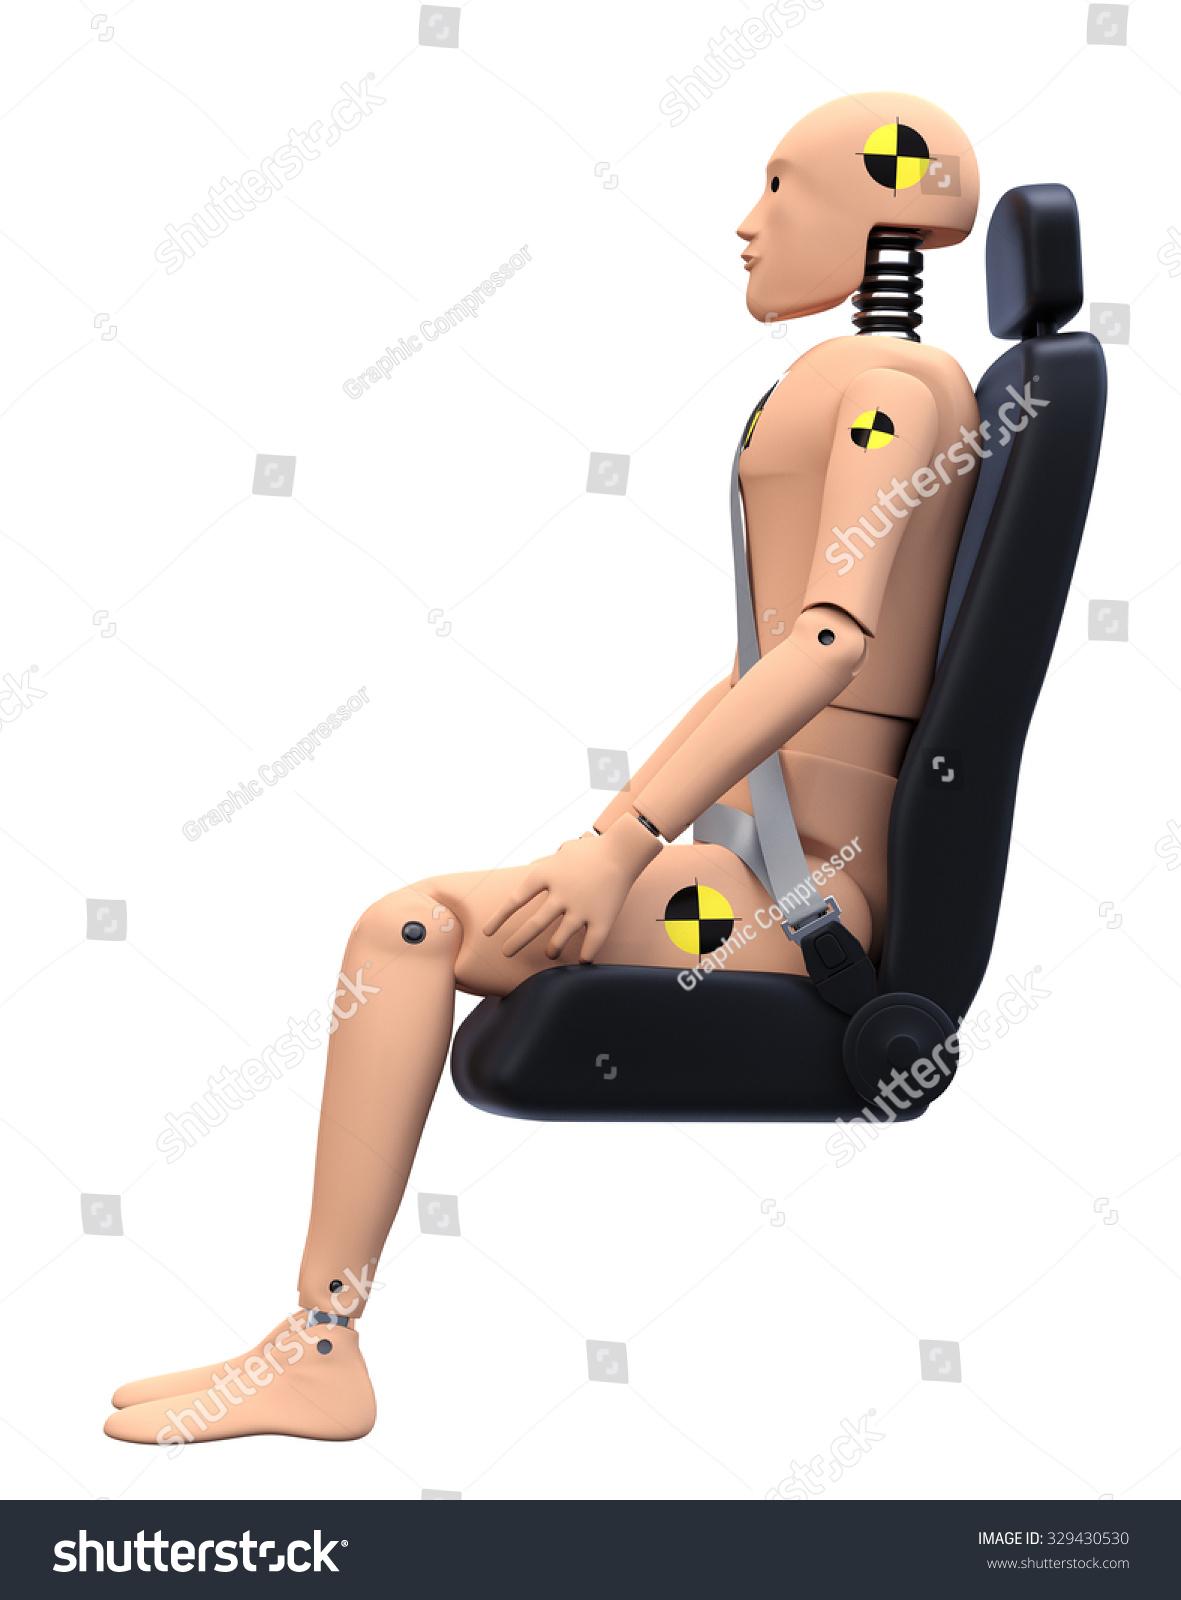 crash test dummy car seat side stock illustration 329430530 shutterstock. Black Bedroom Furniture Sets. Home Design Ideas